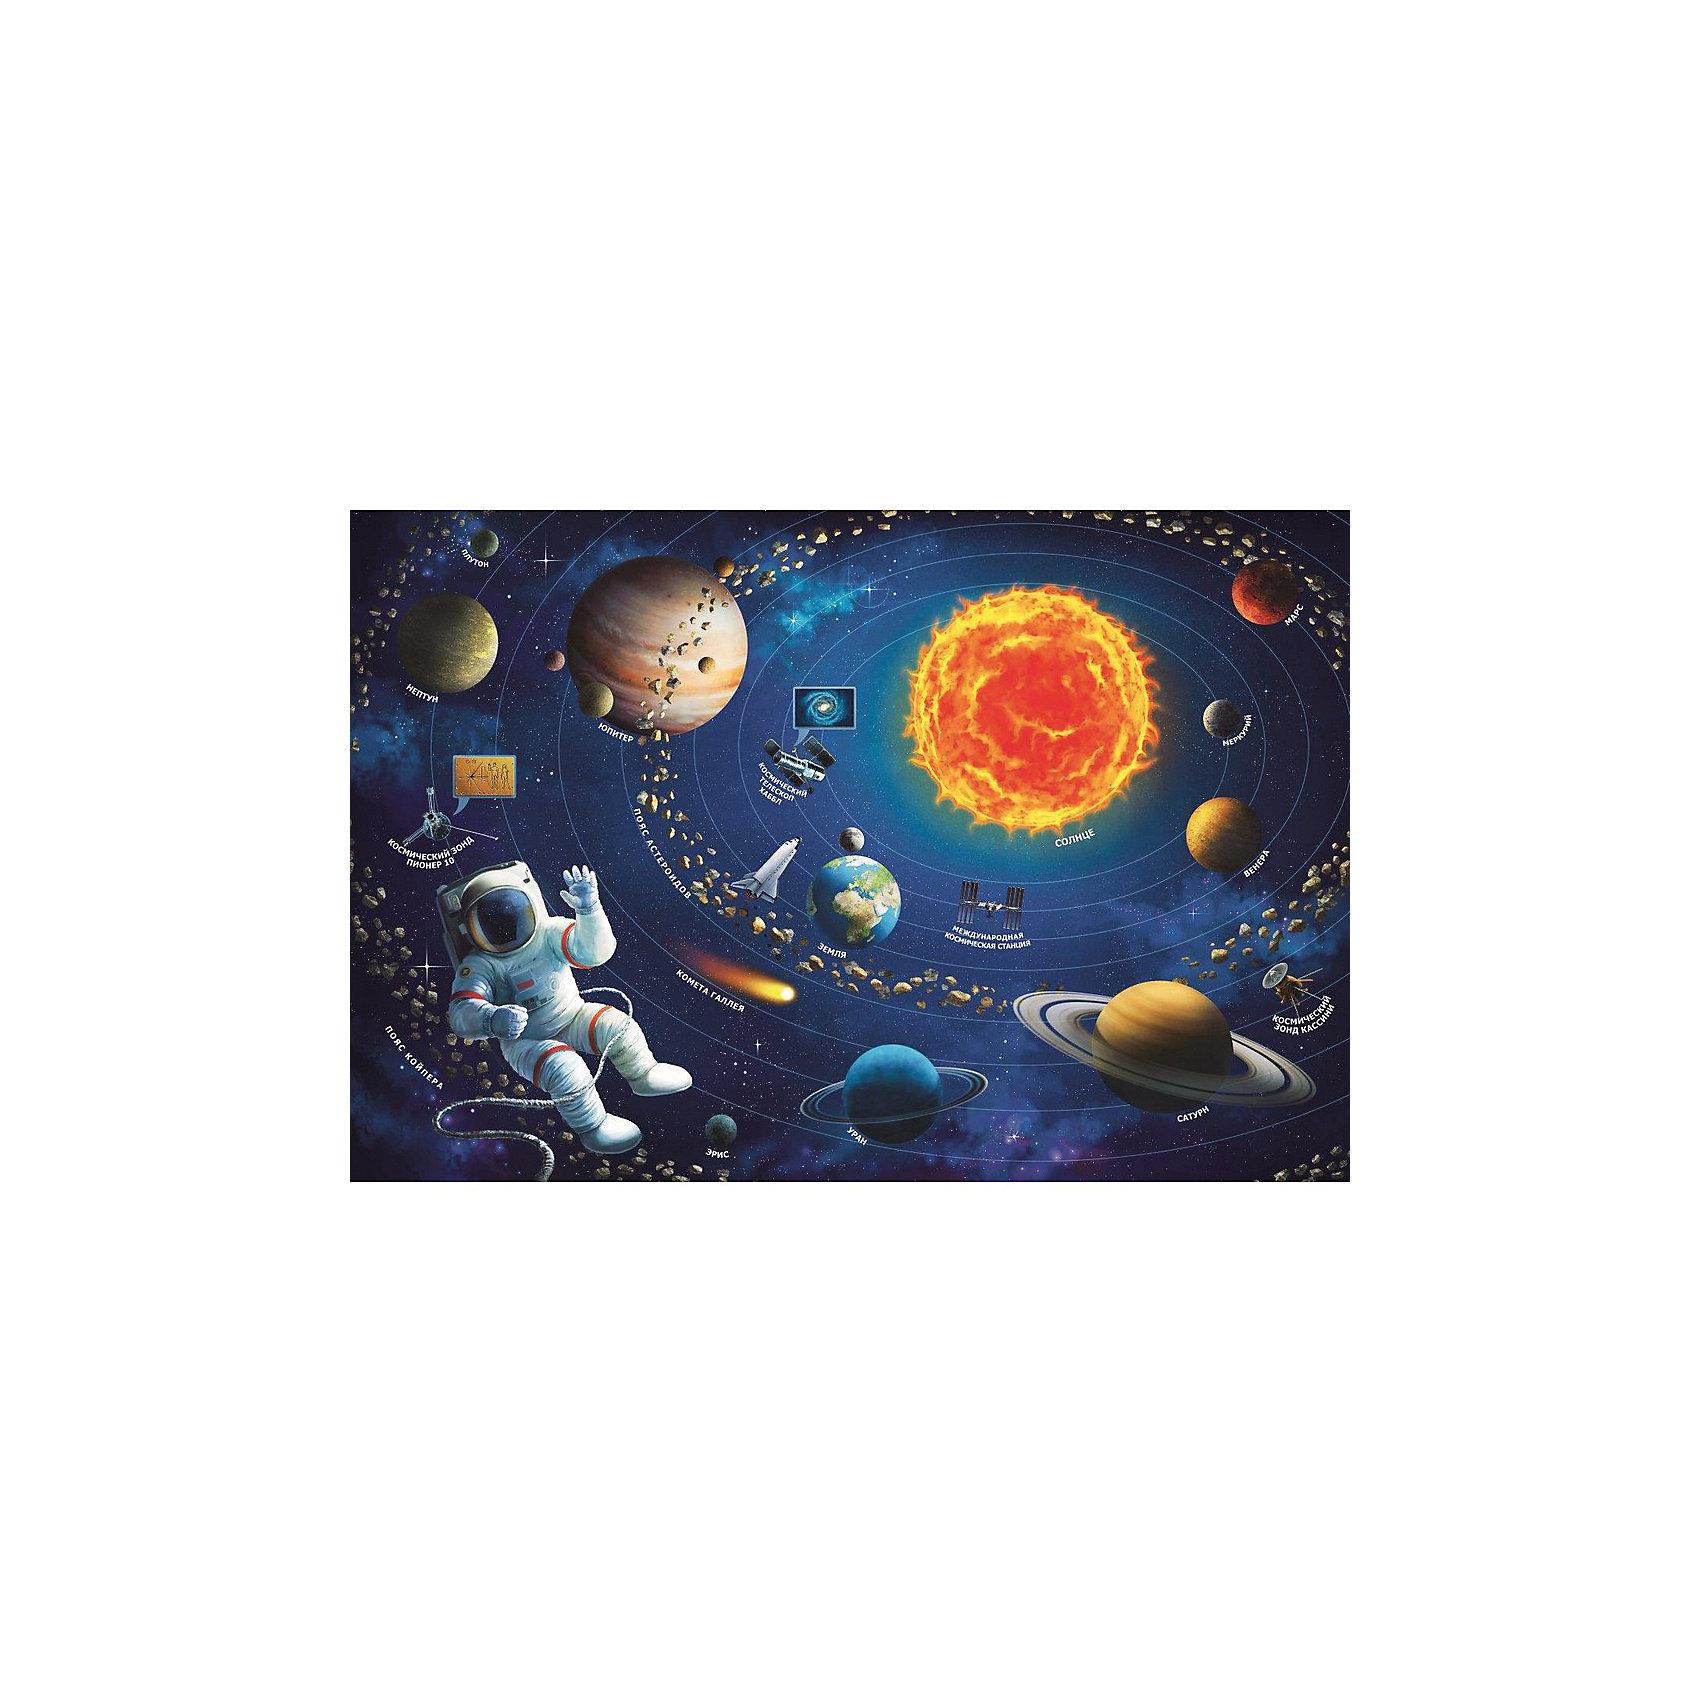 Пазлы Солнечная система, 100 деталейПазлы для малышей<br>Пазлы Солнечная система позволят ребенку ознакомиться с содержимым загадочного космического мира. Собрав все элементы, ребенок сможет узнать, где располагаются различные планеты, как они называются и на каком удалении они находятся от яркого горячего солнца. На темно-синем фоне изображены красочные планеты, вместе с их названиями, также там вы найдете космонавта в белом скафандре, а также космические станции и летательные аппараты. <br>Набор включает в себя 100 элементов. <br>Пазлы продаются в закрытой упаковке из плотного картона, на которой изображено ее содержимое. <br>Рекомендуемый возраст: от 6 лет.<br><br>Ширина мм: 230<br>Глубина мм: 330<br>Высота мм: 60<br>Вес г: 590<br>Возраст от месяцев: 72<br>Возраст до месяцев: 144<br>Пол: Унисекс<br>Возраст: Детский<br>SKU: 7126335